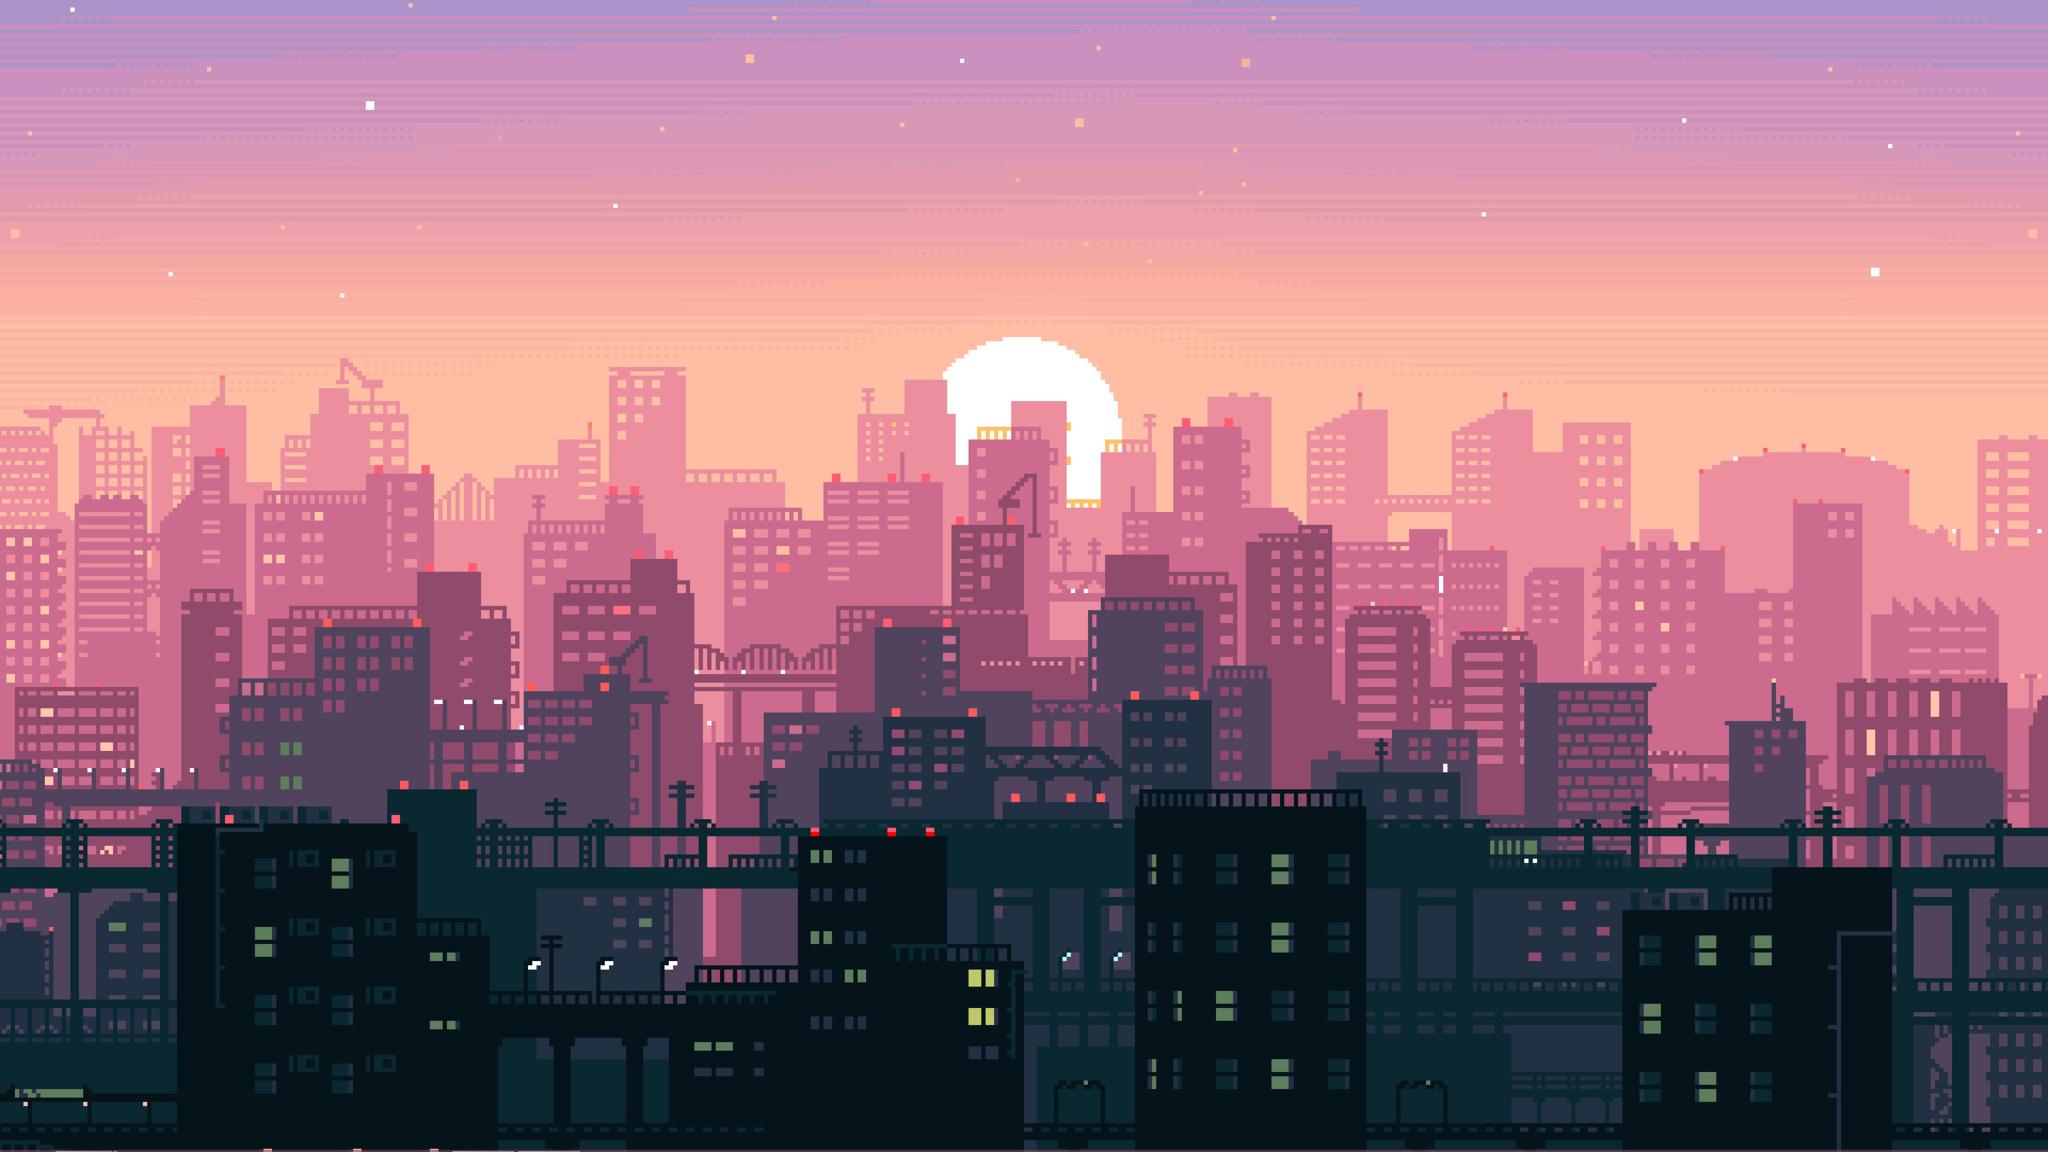 2048x1152 8 Bit Pixel Art City 2048x1152 Resolution Hd 4k